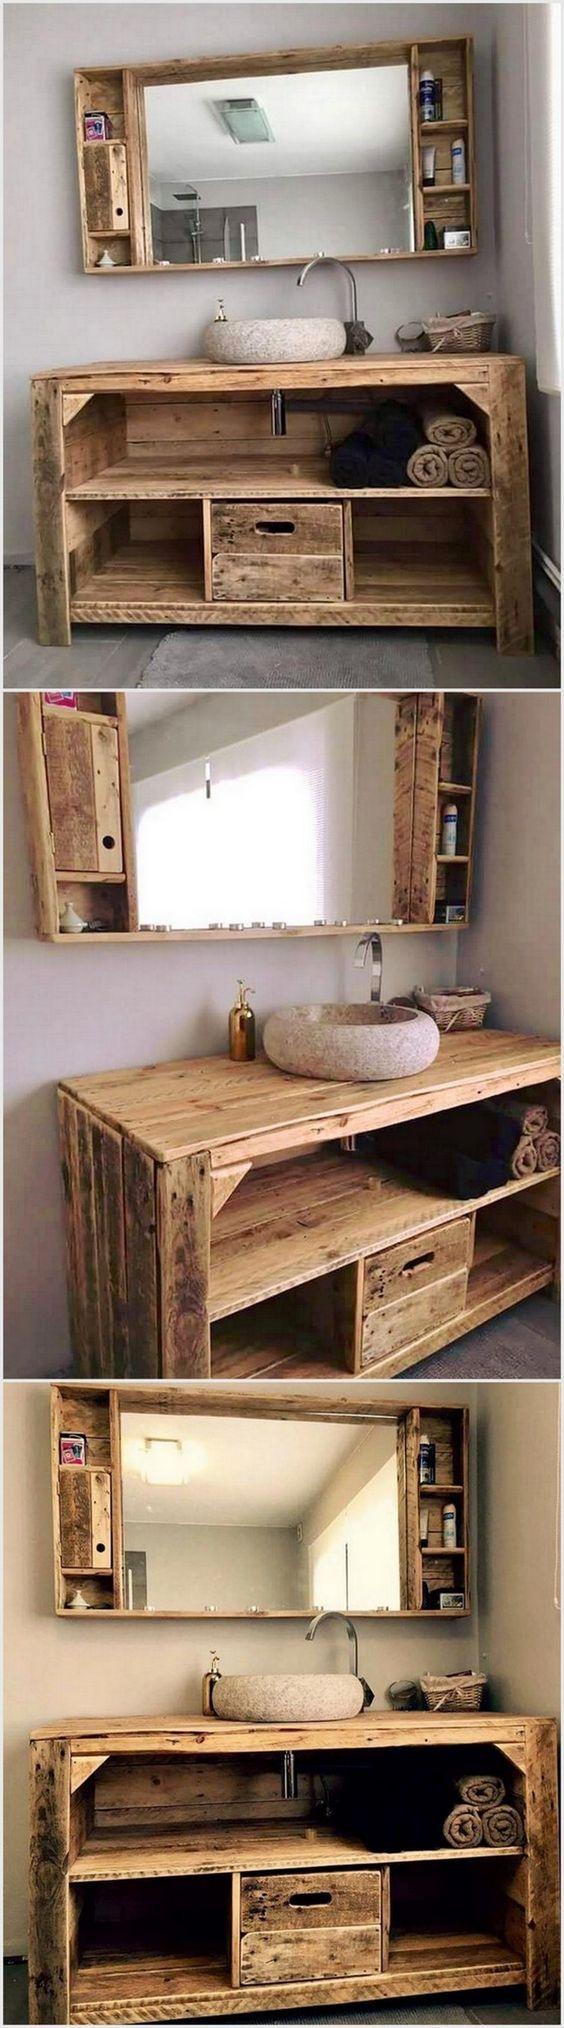 Fabriquer Meuble Salle De Bain Palette excellent ideas with used wood pallets | salle de bains